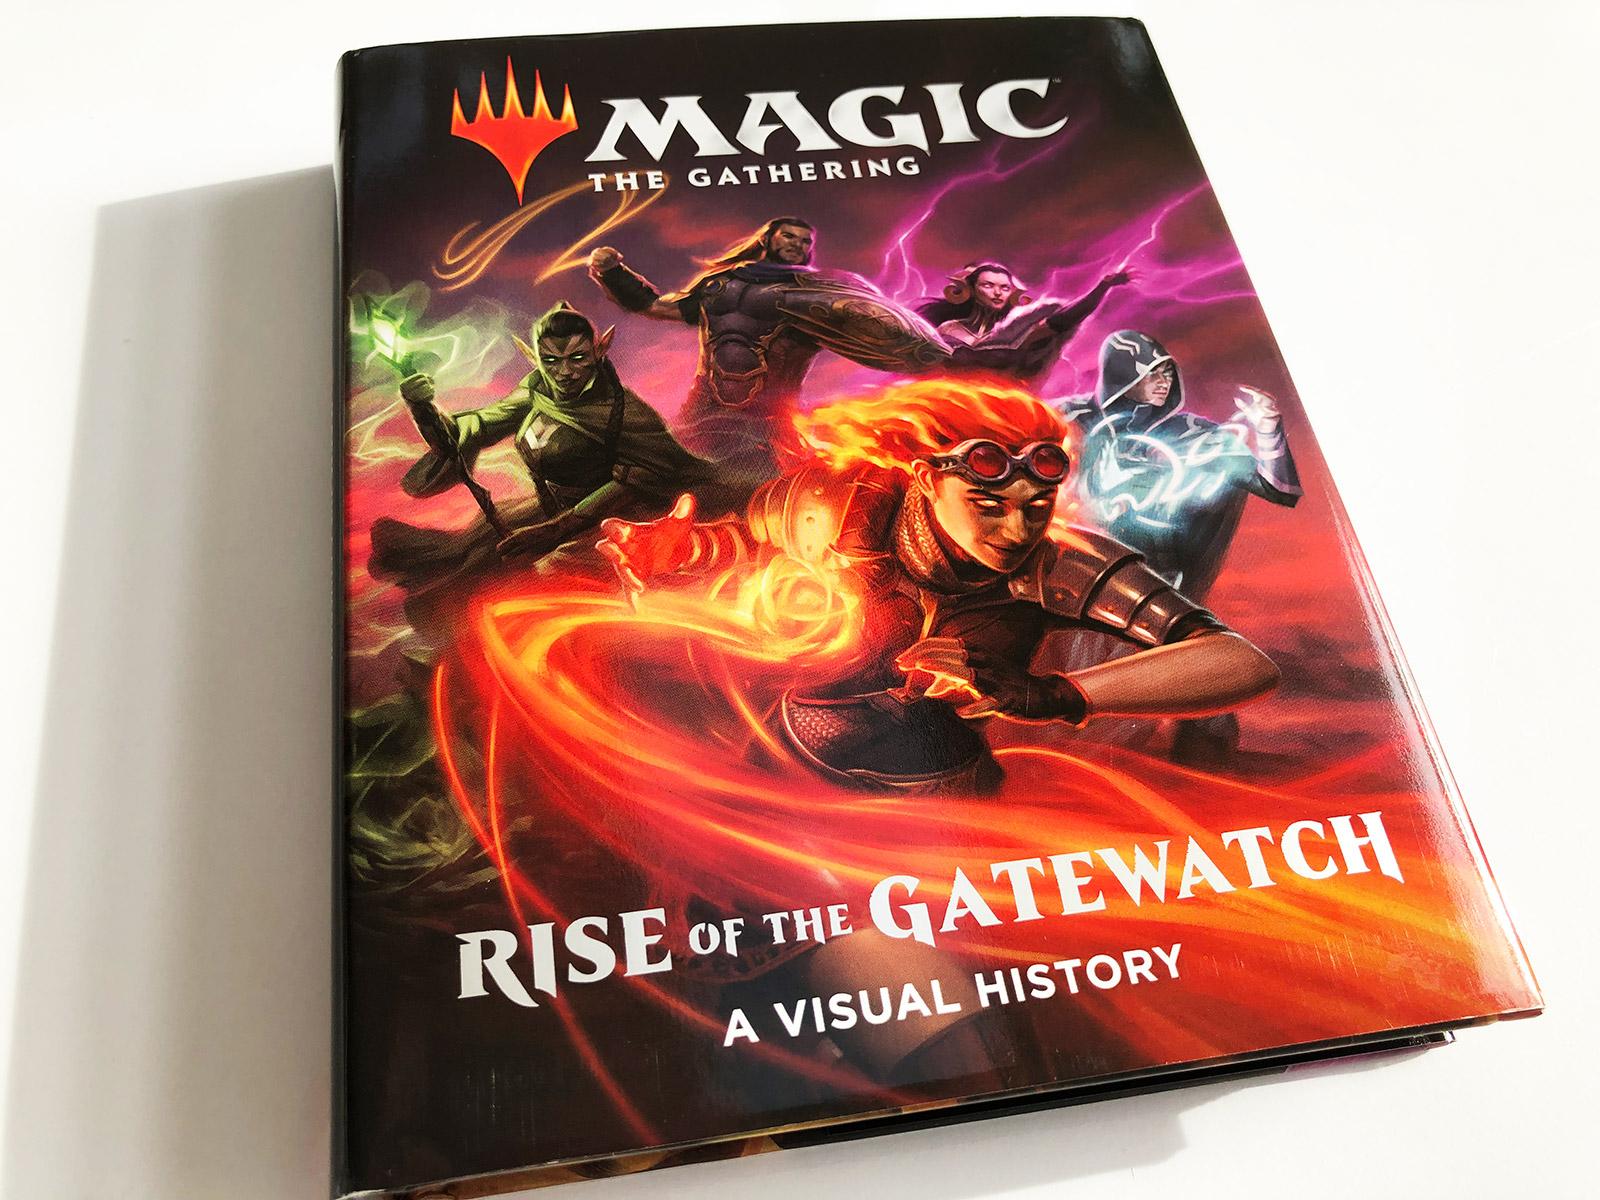 Magic: A Visual History (Magic: the Gathering) Book Review